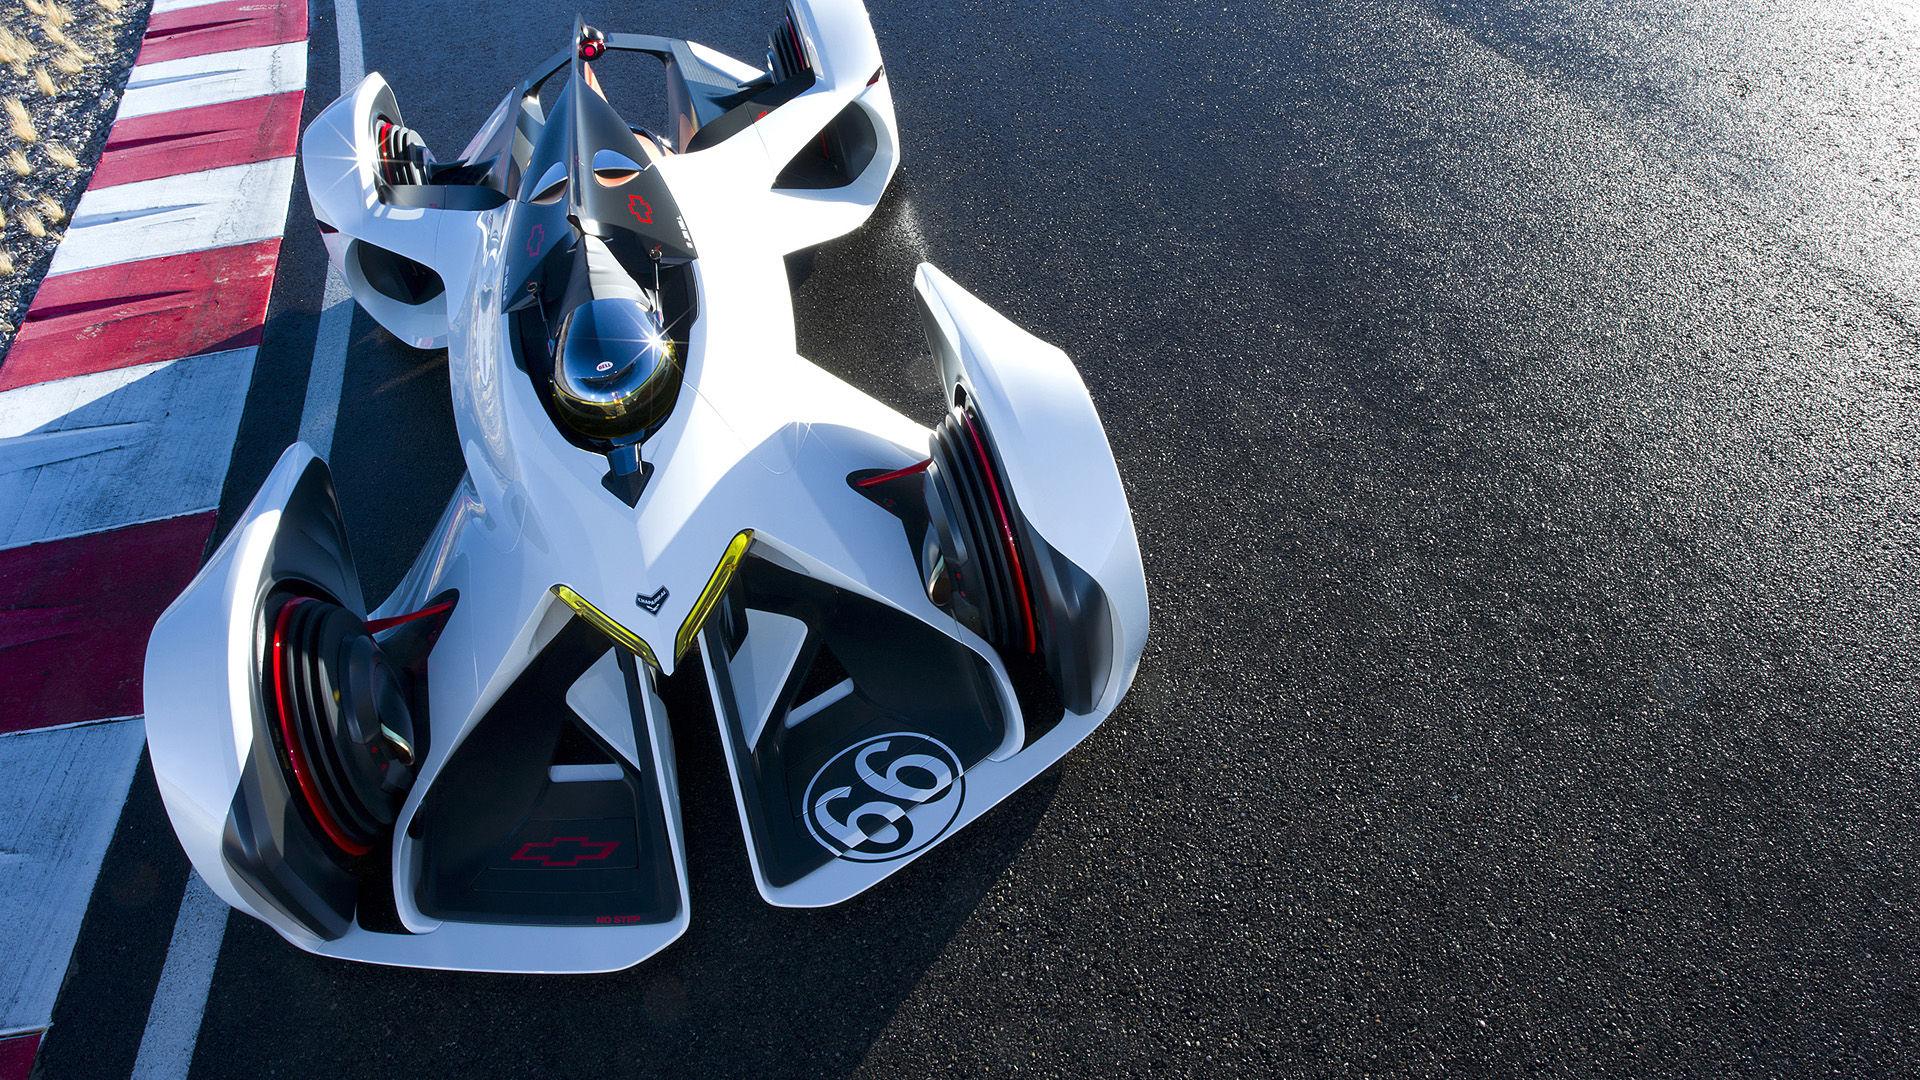 2014 Chevrolet Chaparral 2X VGT Concept